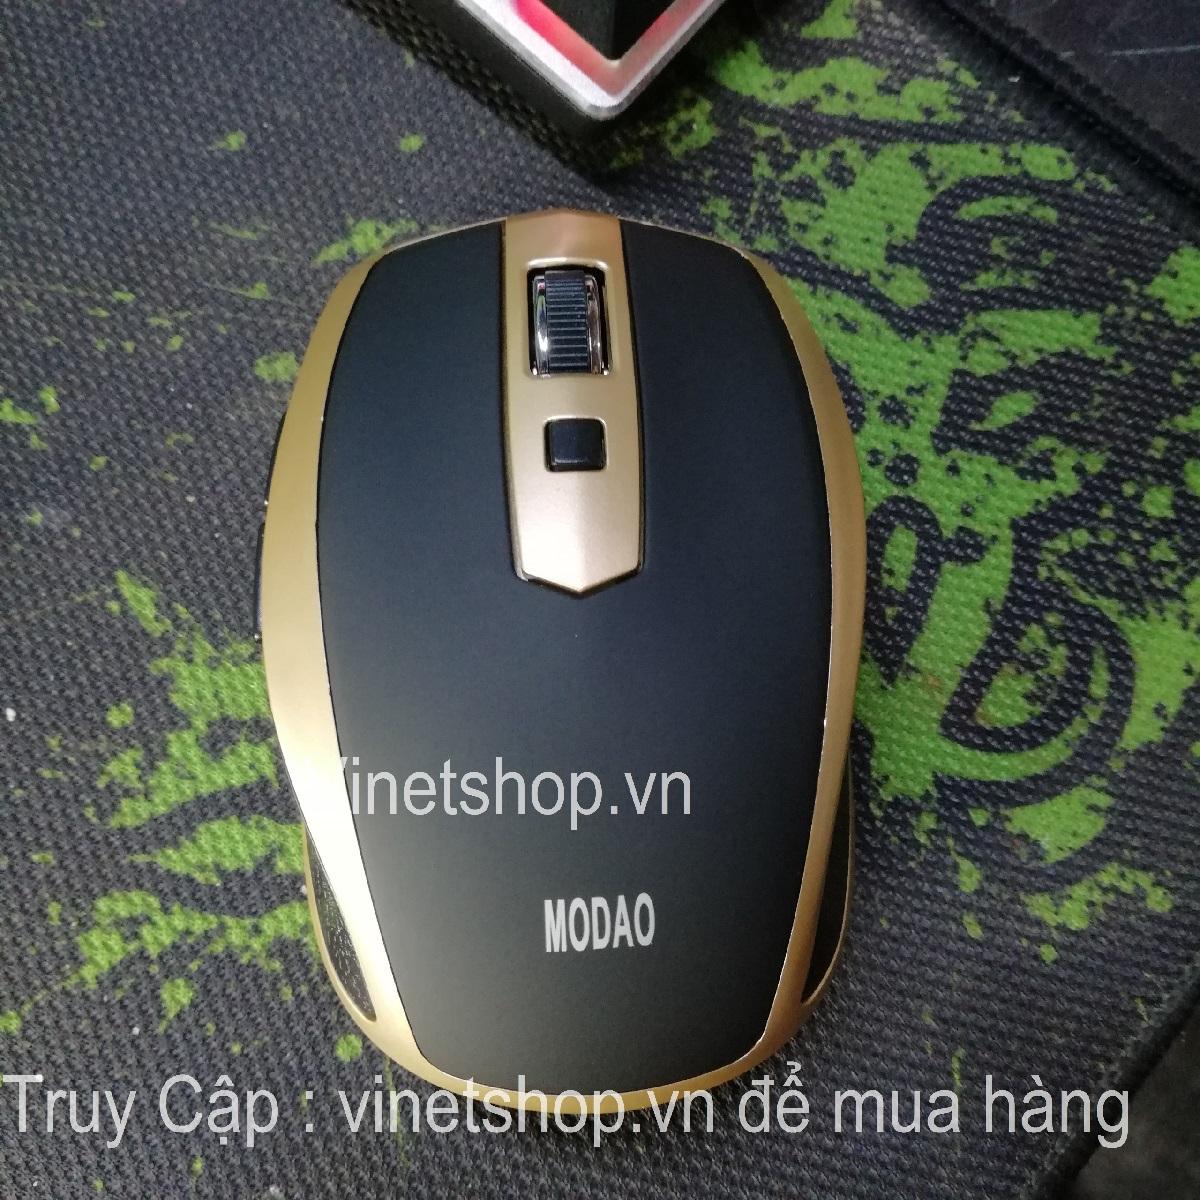 chuot-khong-day-gia-re-duoi-200k